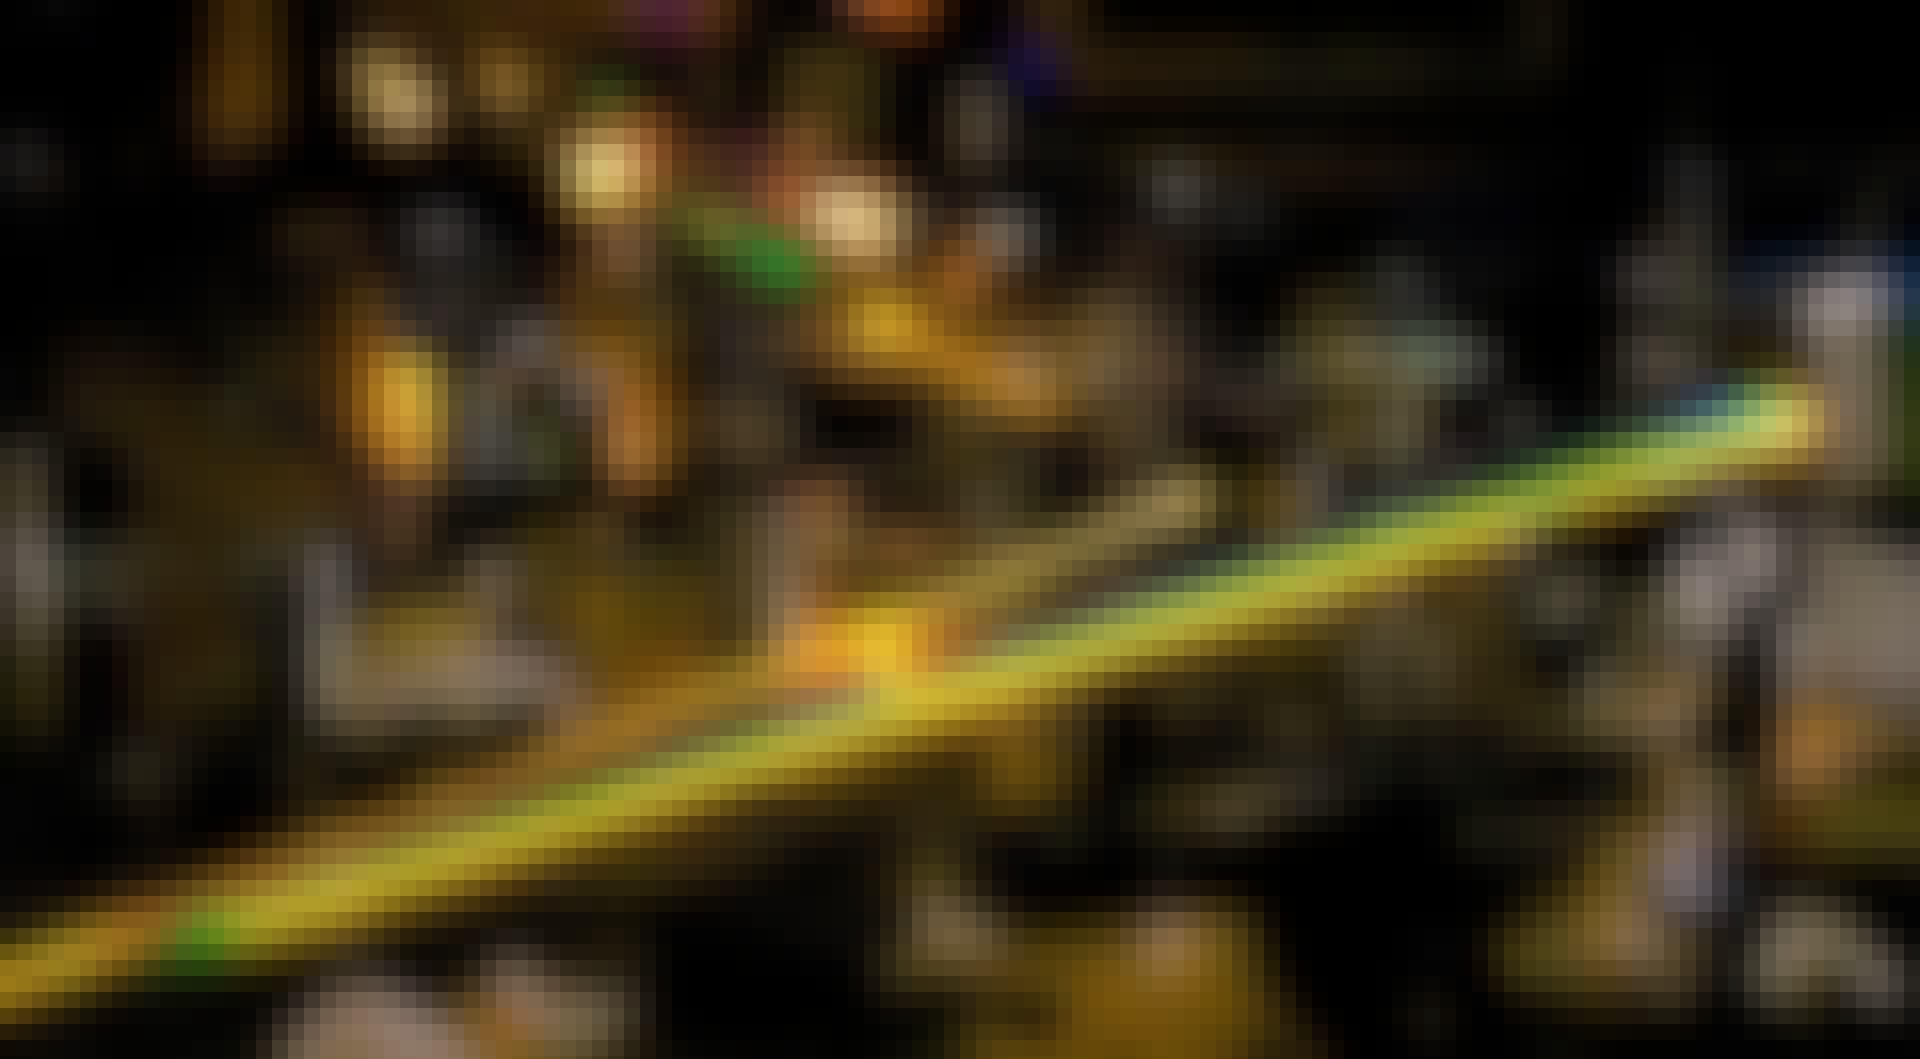 astat laserspektroskopi